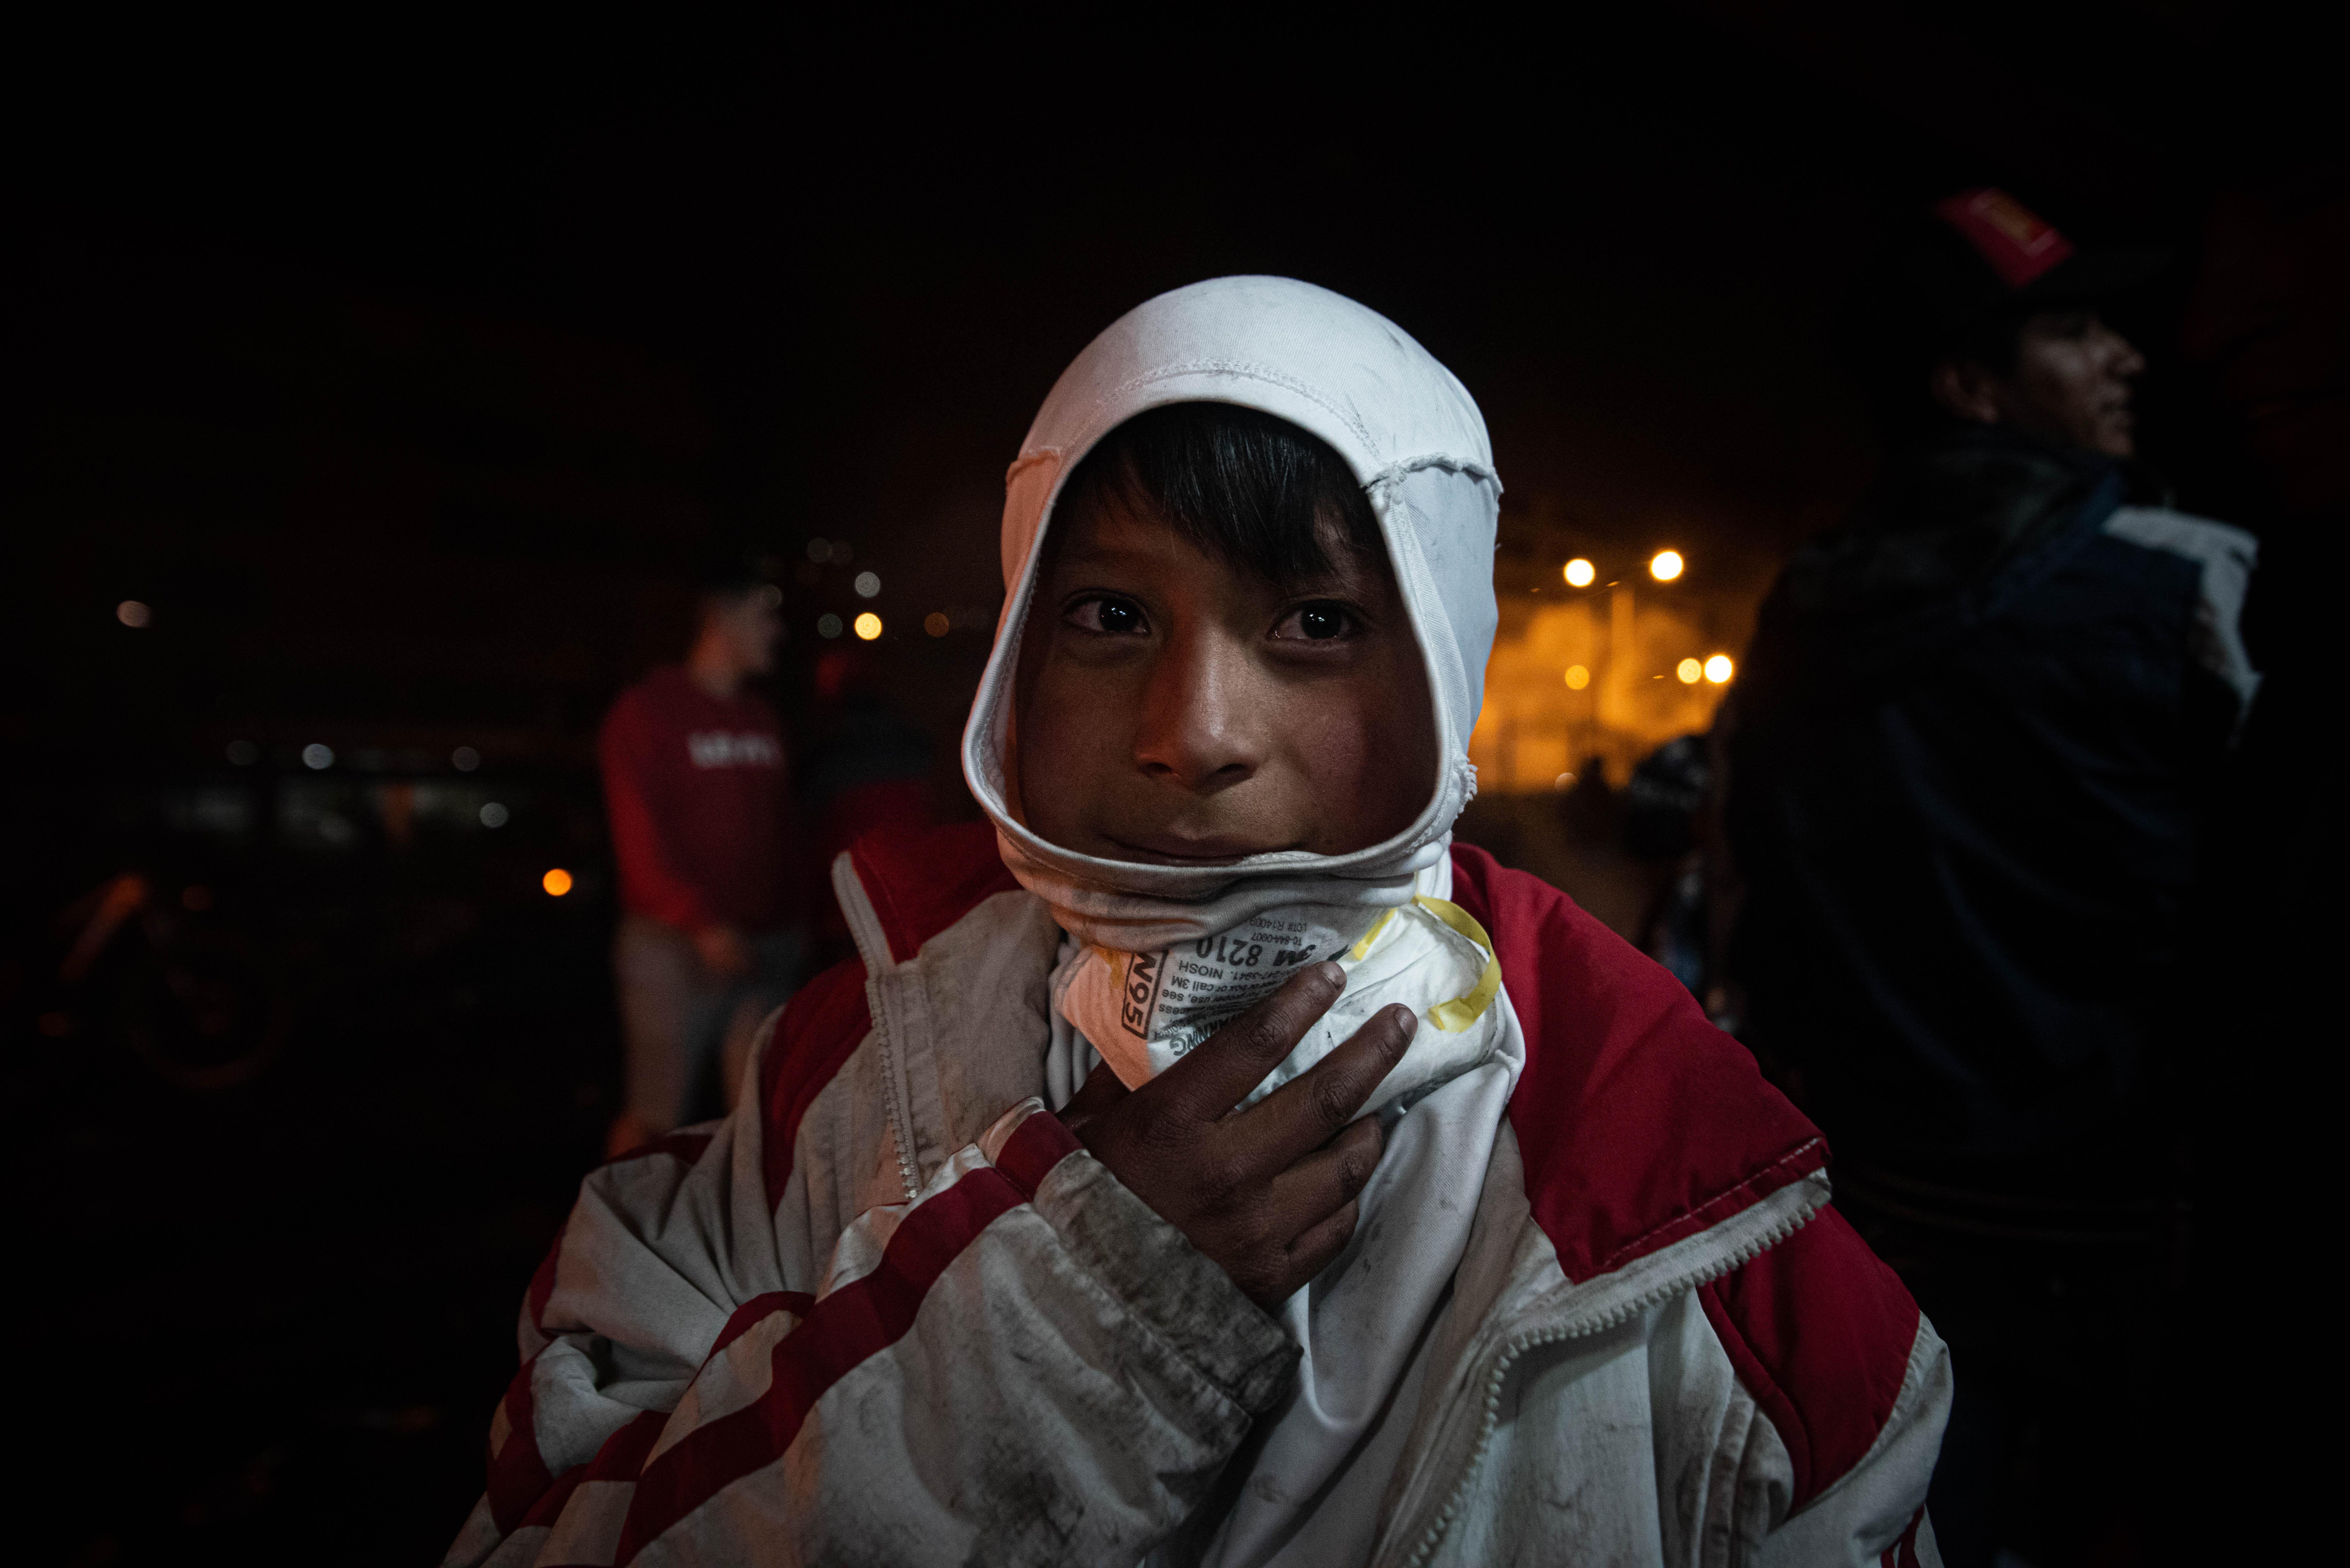 Un niño con una mascara respiratoria celebra en las calles de Quito